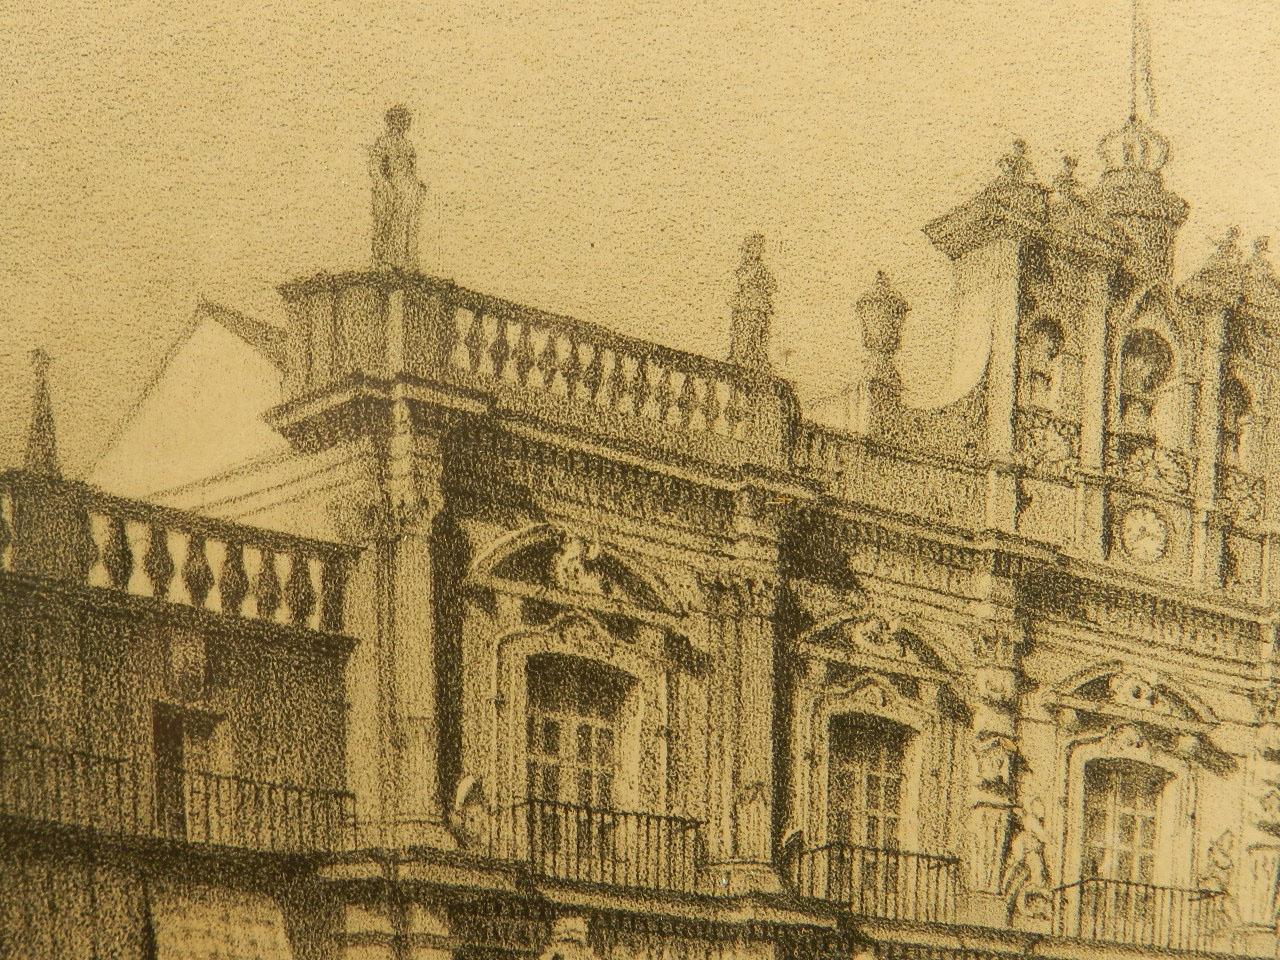 Imagen LITOGRAFÍA P. MAYOR SALAMANCA AÑO 1860 24849